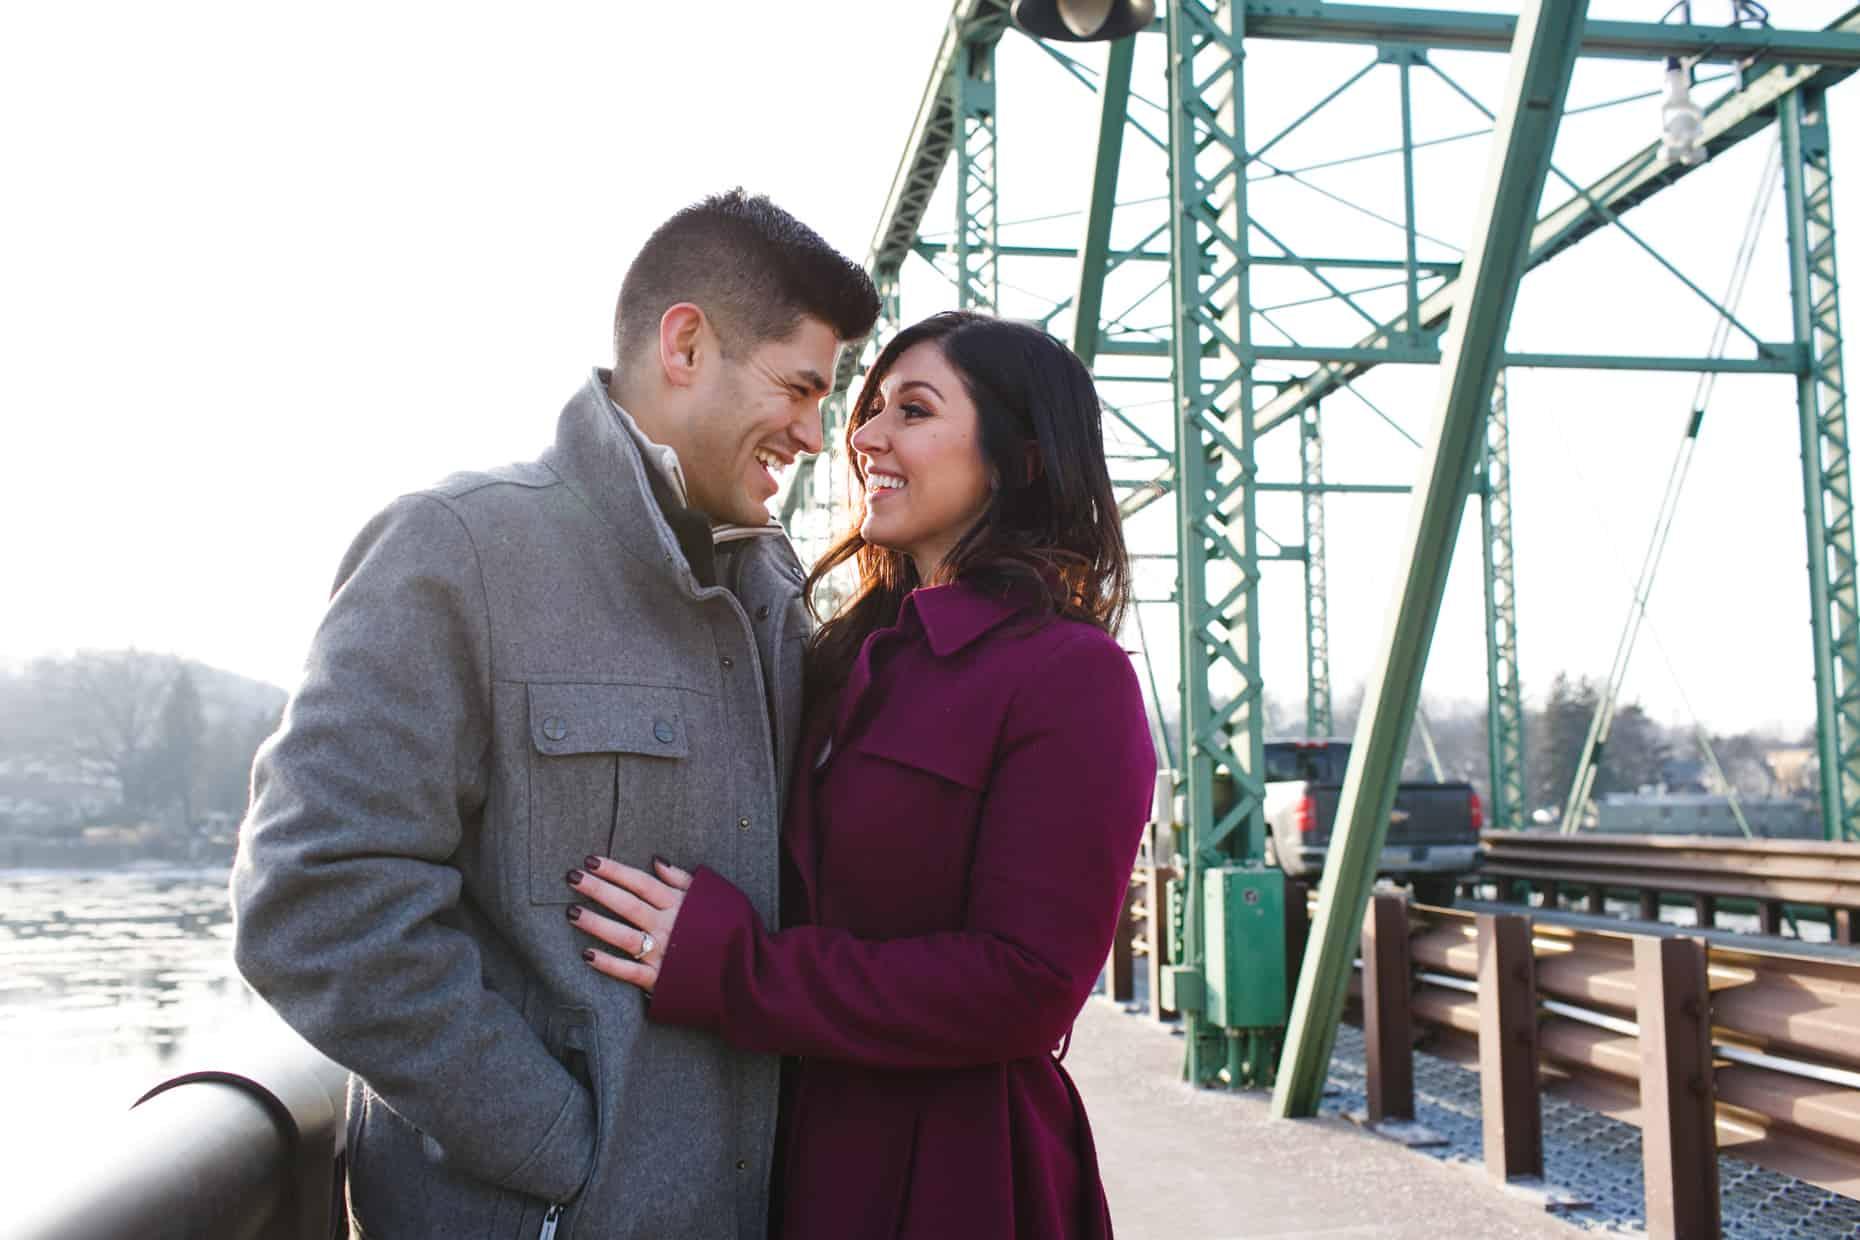 Engagement photographers New Hope